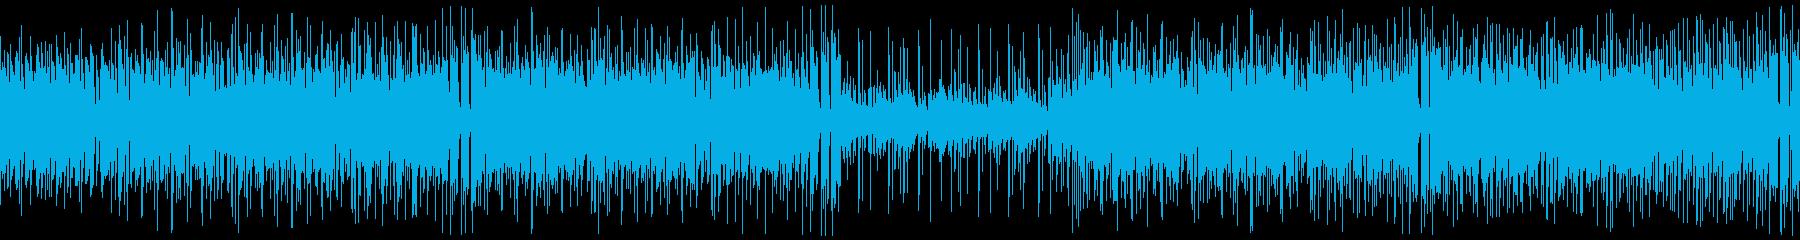 クラビンの再生済みの波形